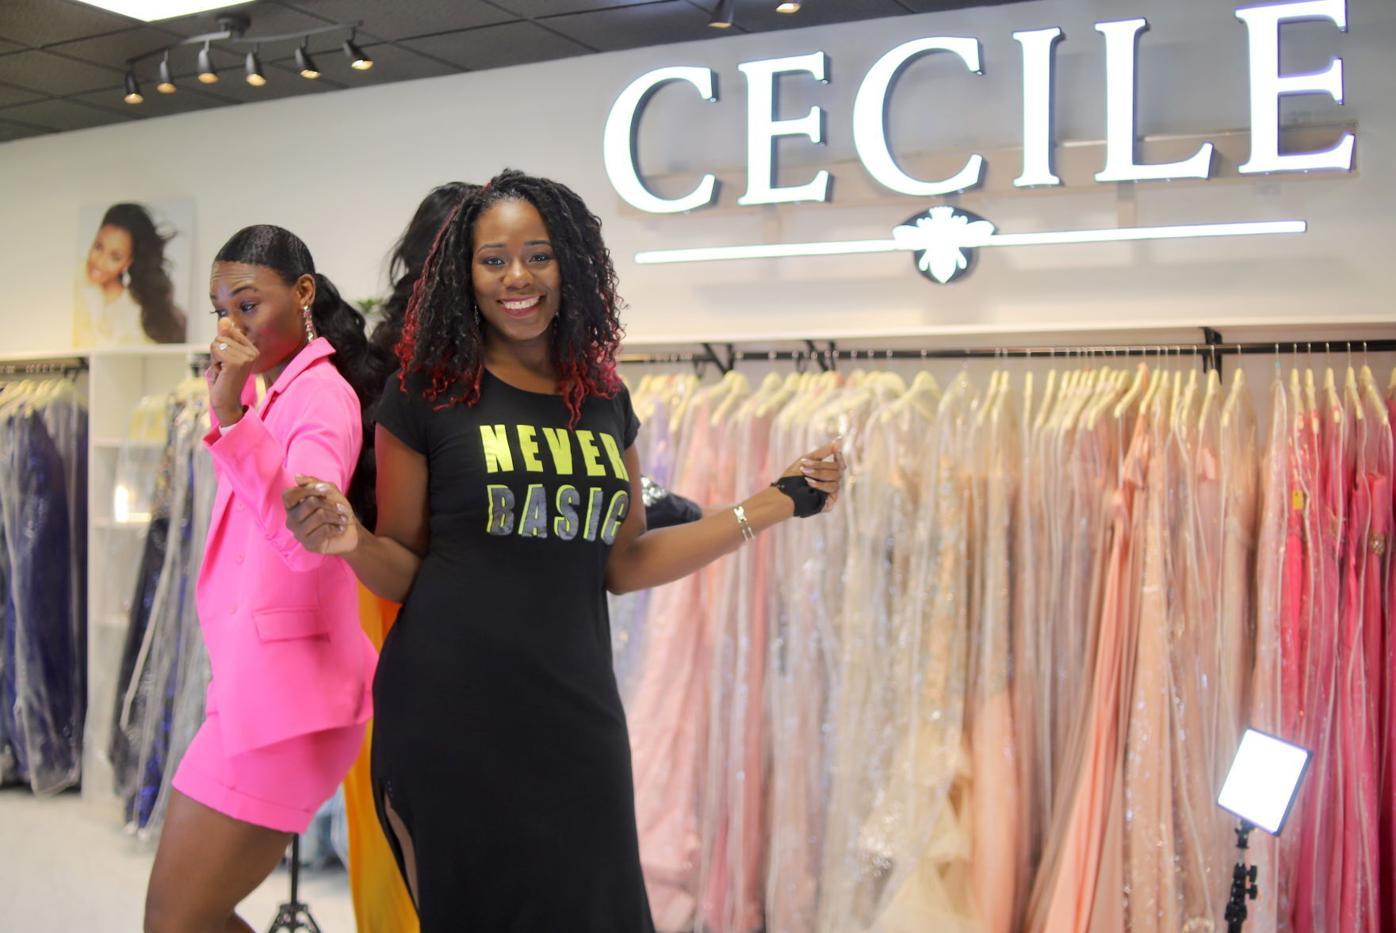 Cecile Boutique